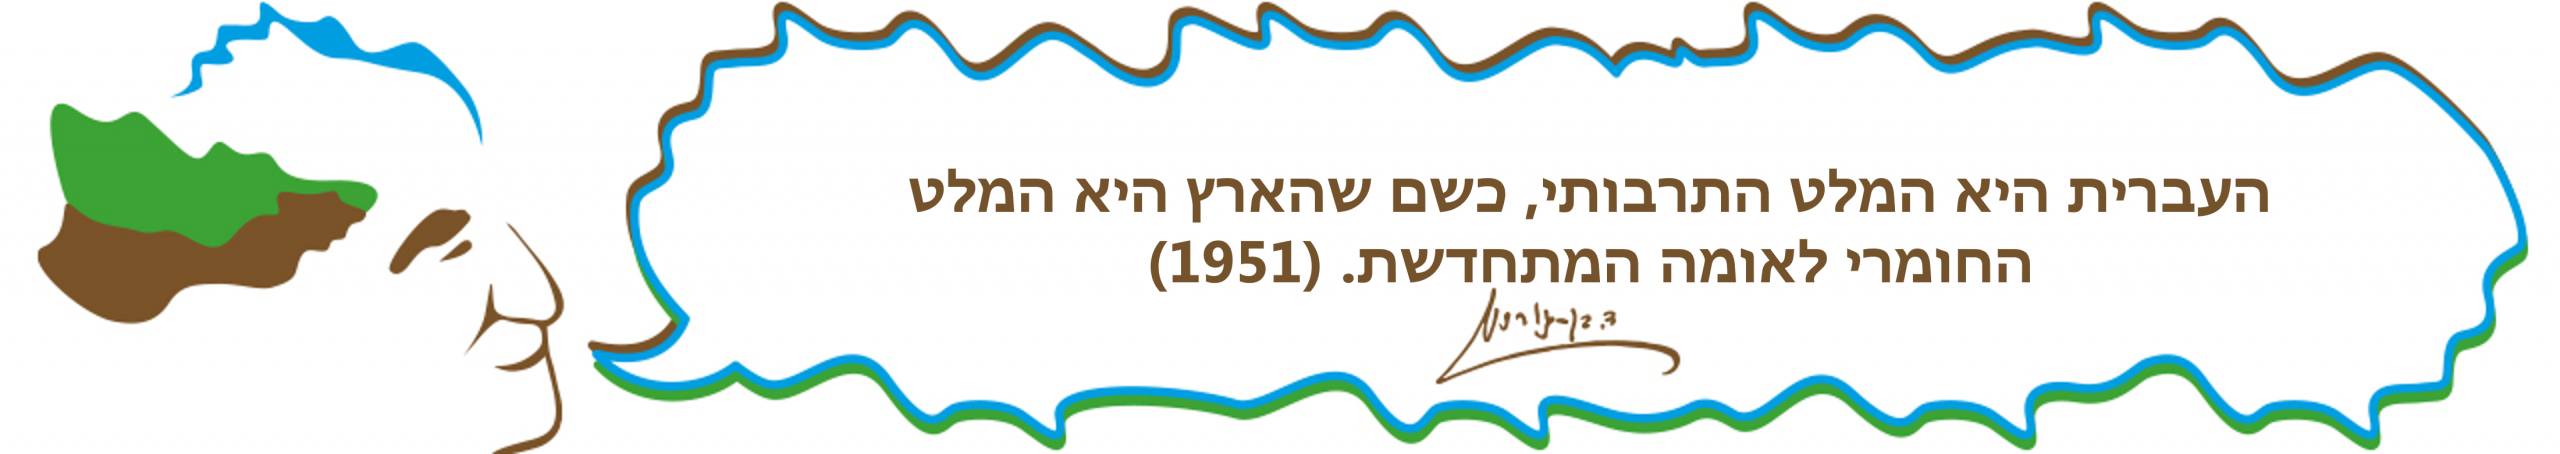 העברית היא המלט התרבותי, כשם שהארץ היא המלט החומרי לאומה המתחדשת 1951